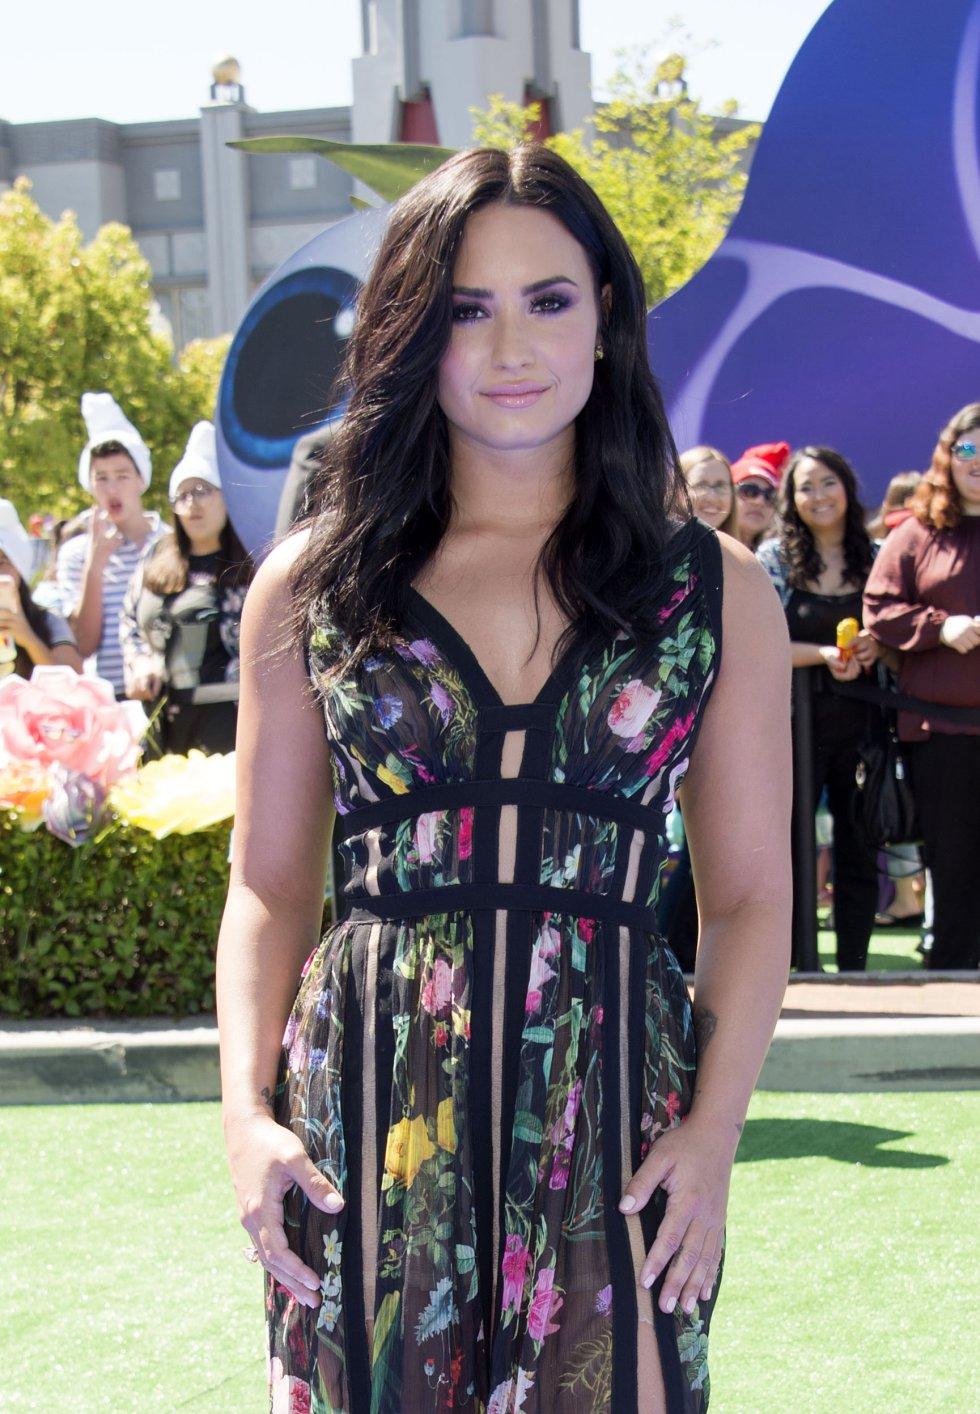 Cambios de look Demi Lovato: Demi Lovato a través del tiempo